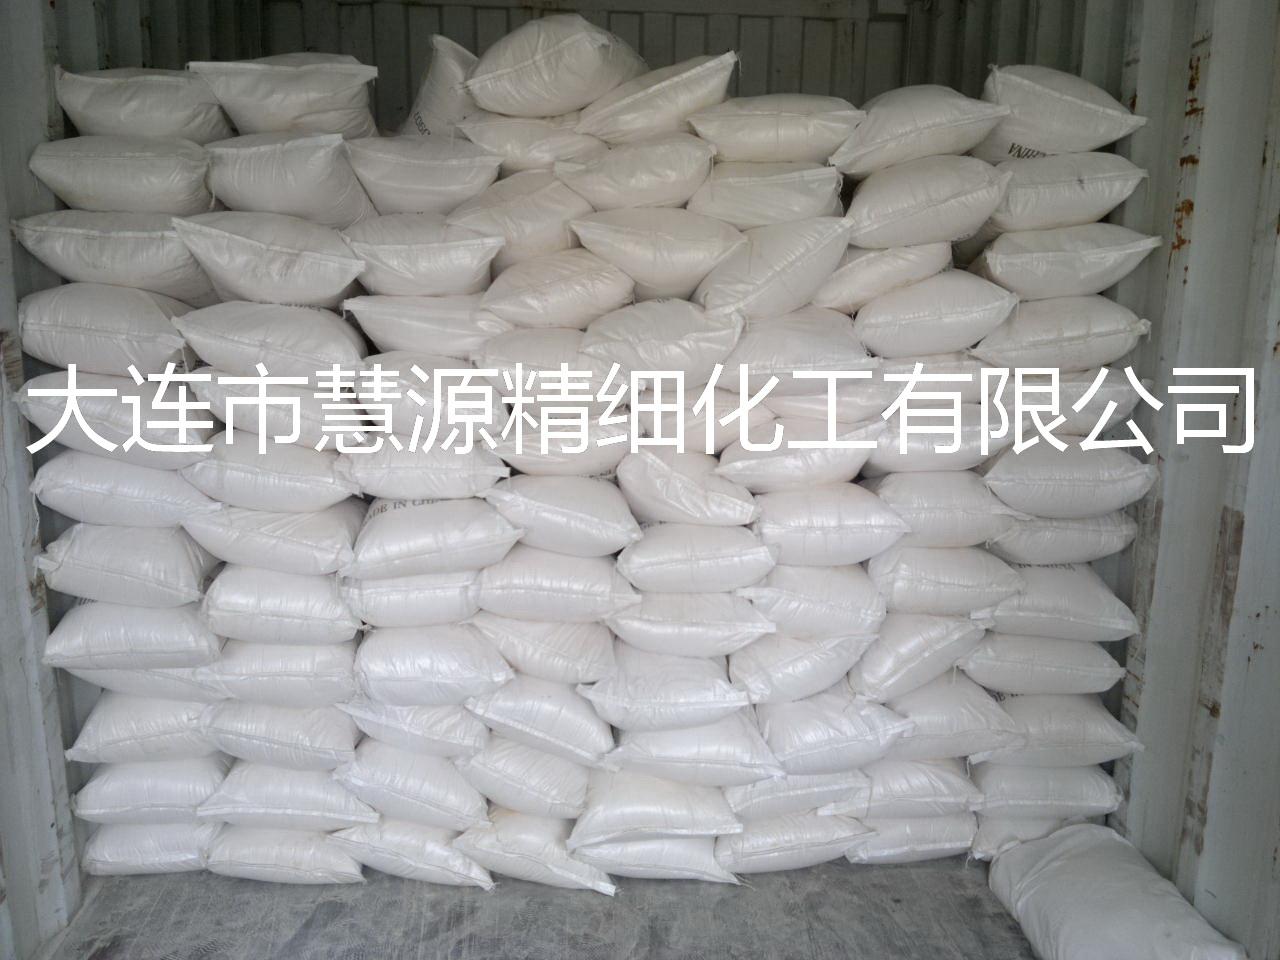 氯化锰生产厂家,大连慧源氯化锰生产厂家